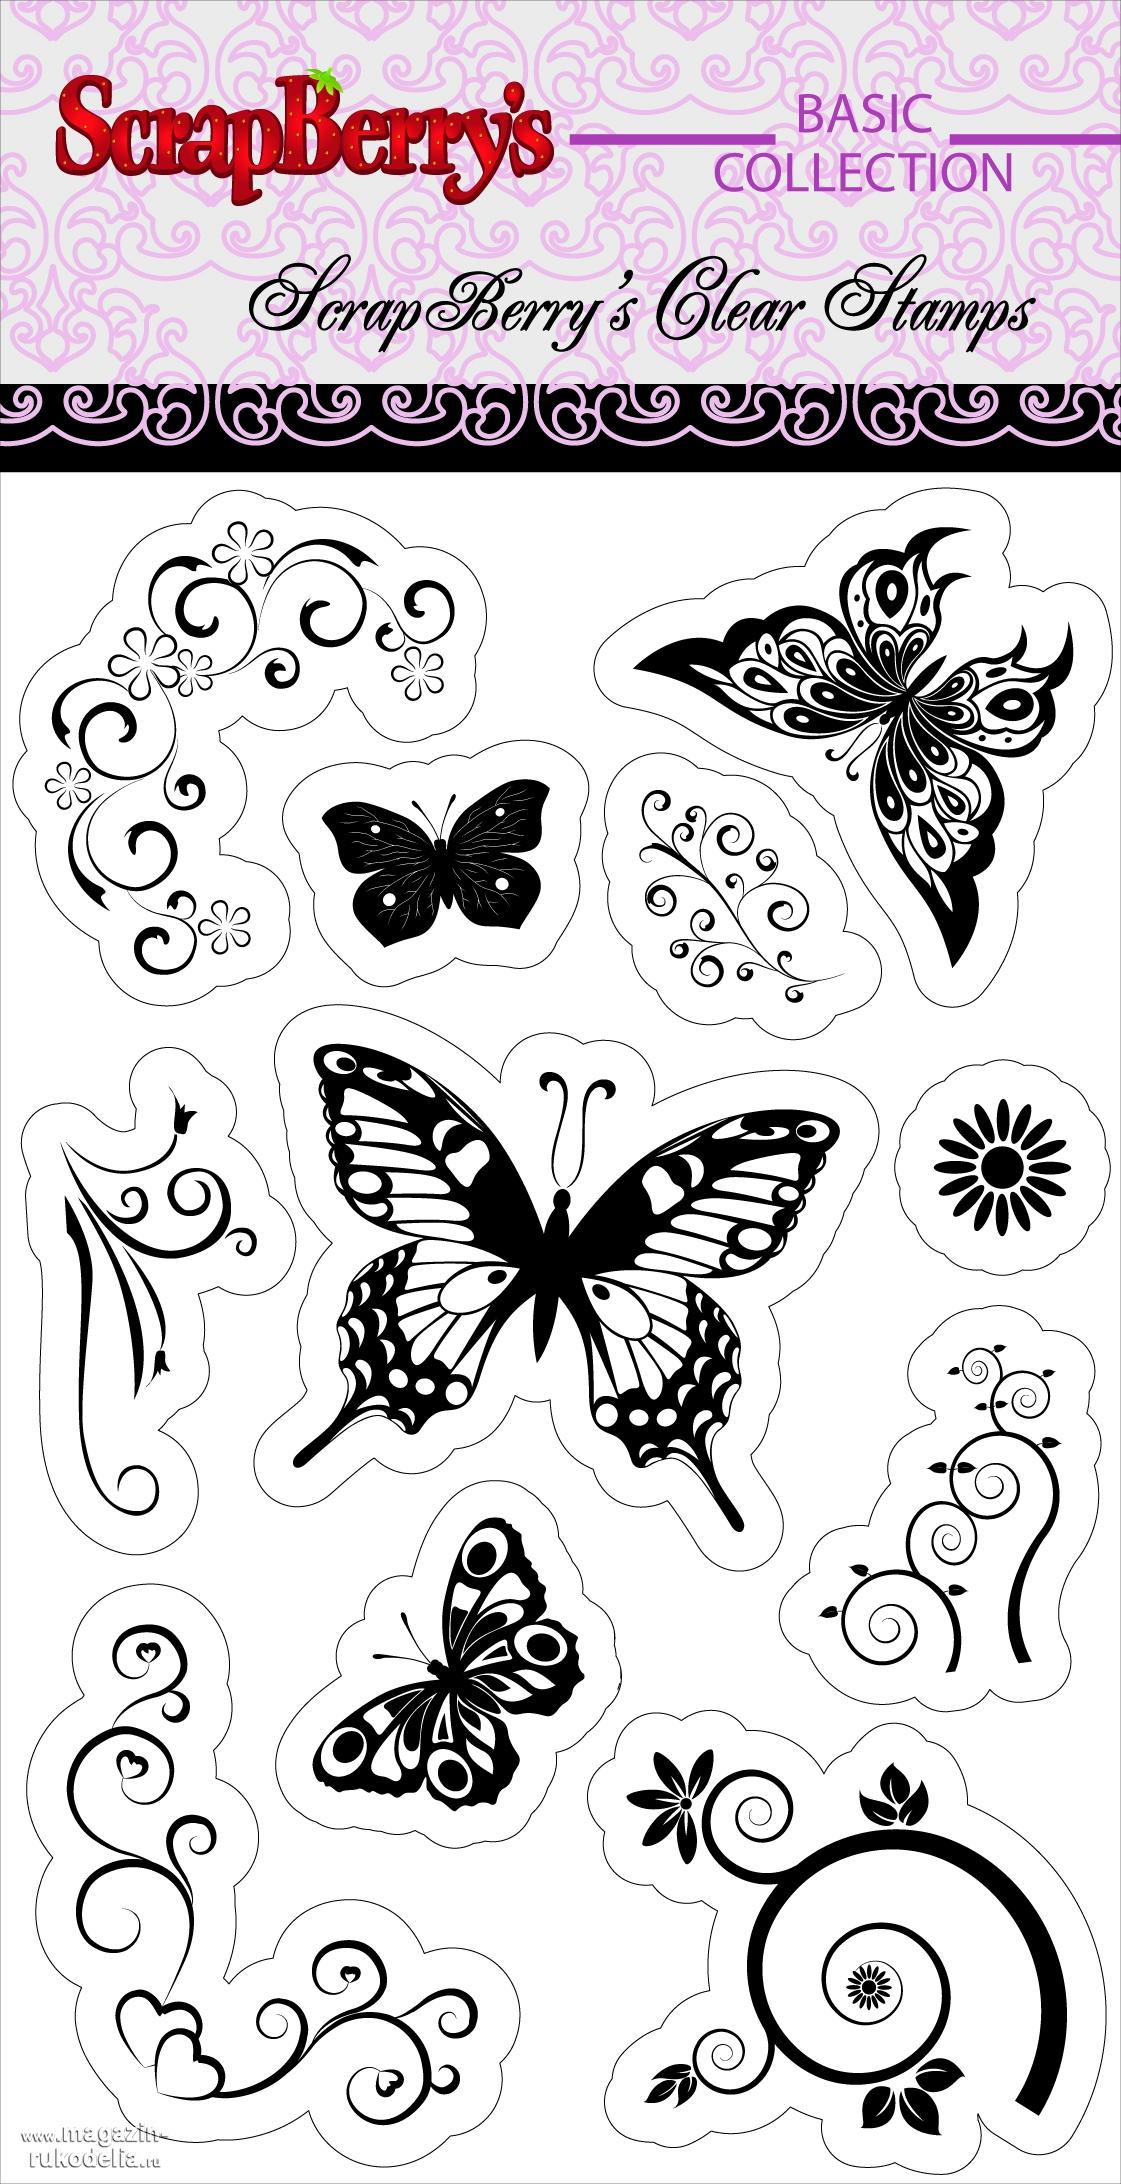 Открытки для печати черно-белые